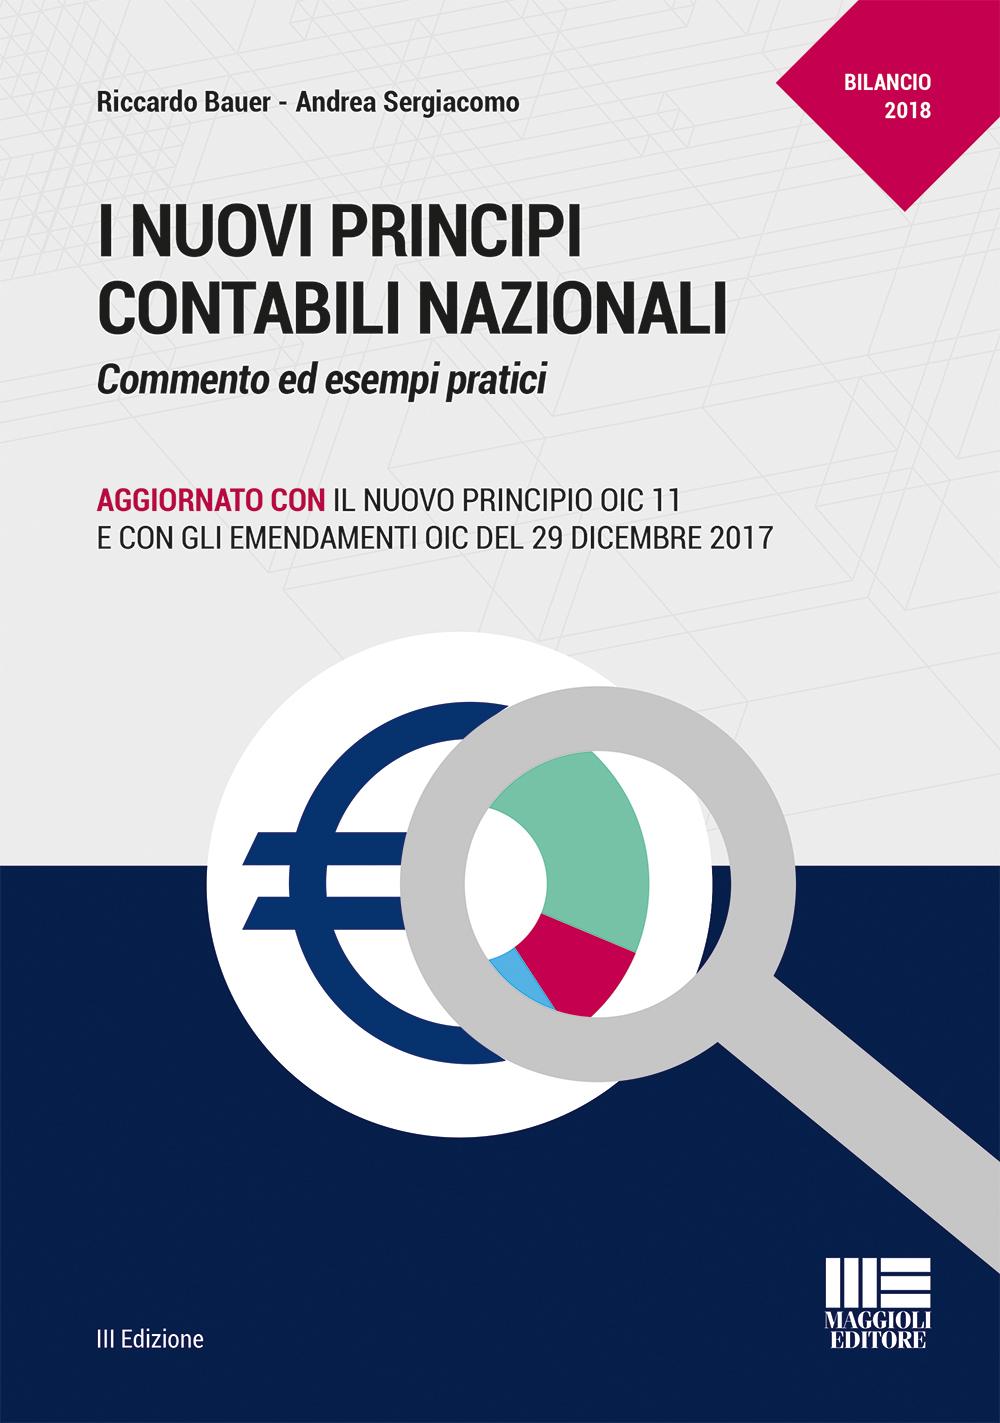 I nuovi principi contabili nazionali - Libro Carta